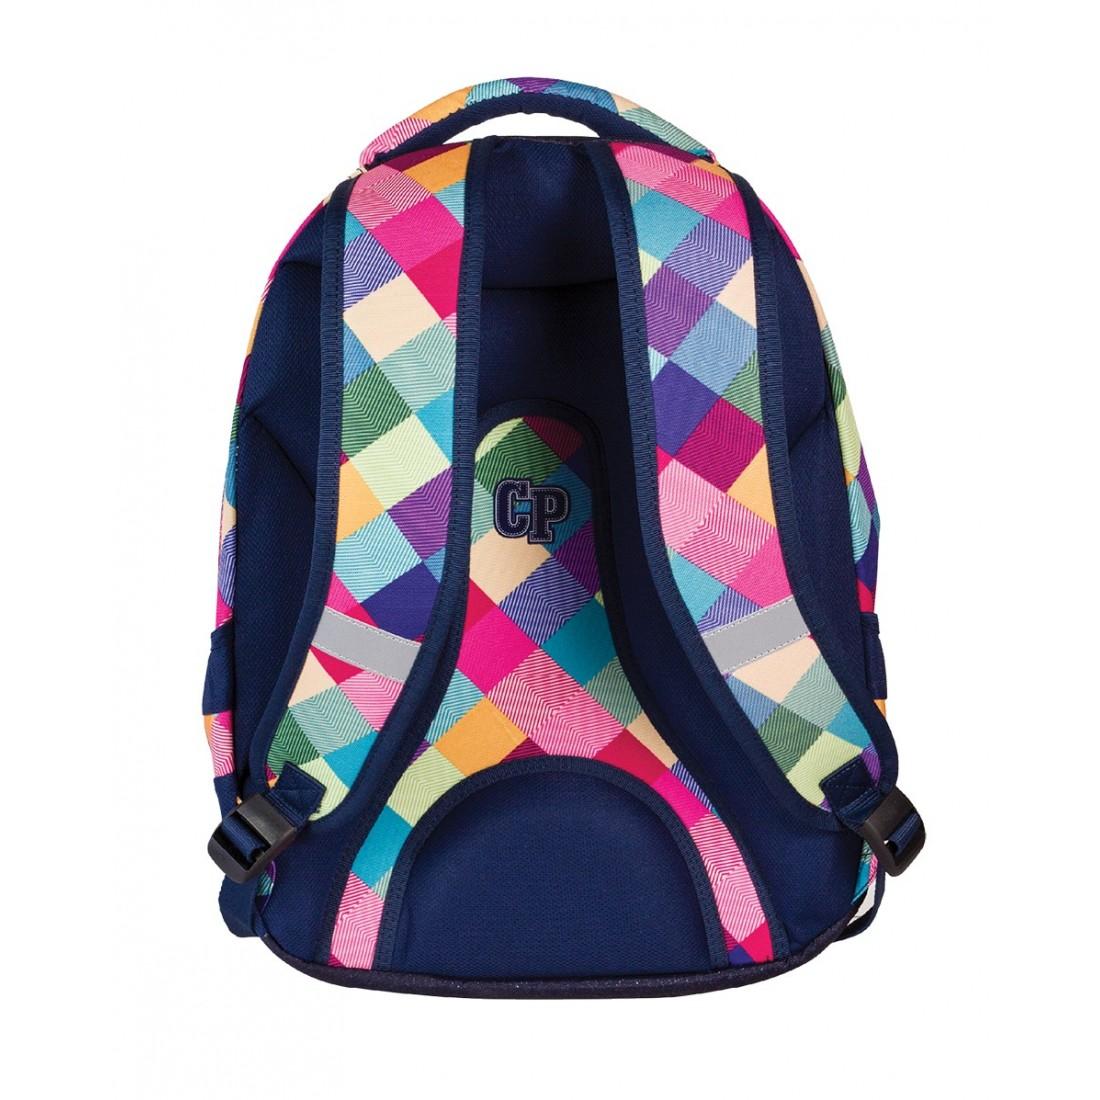 Plecak młodzieżowy CoolPack CP pastelowe kolory w kratkę - 3 przegrody STUDENT PATCHWORK 477